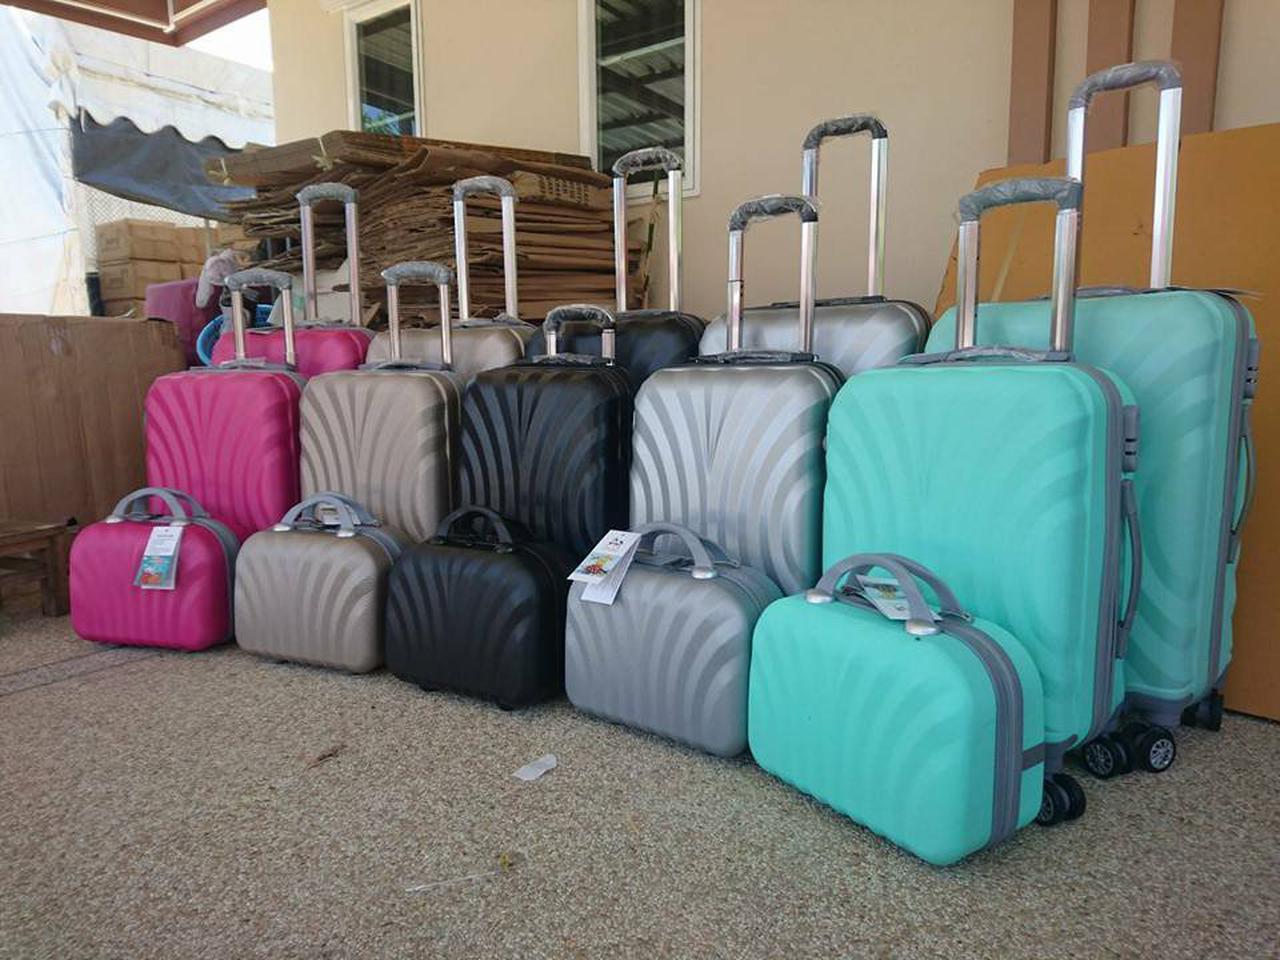 กระเป๋าเดินทาง รุ่น Fiber A รูปที่ 2